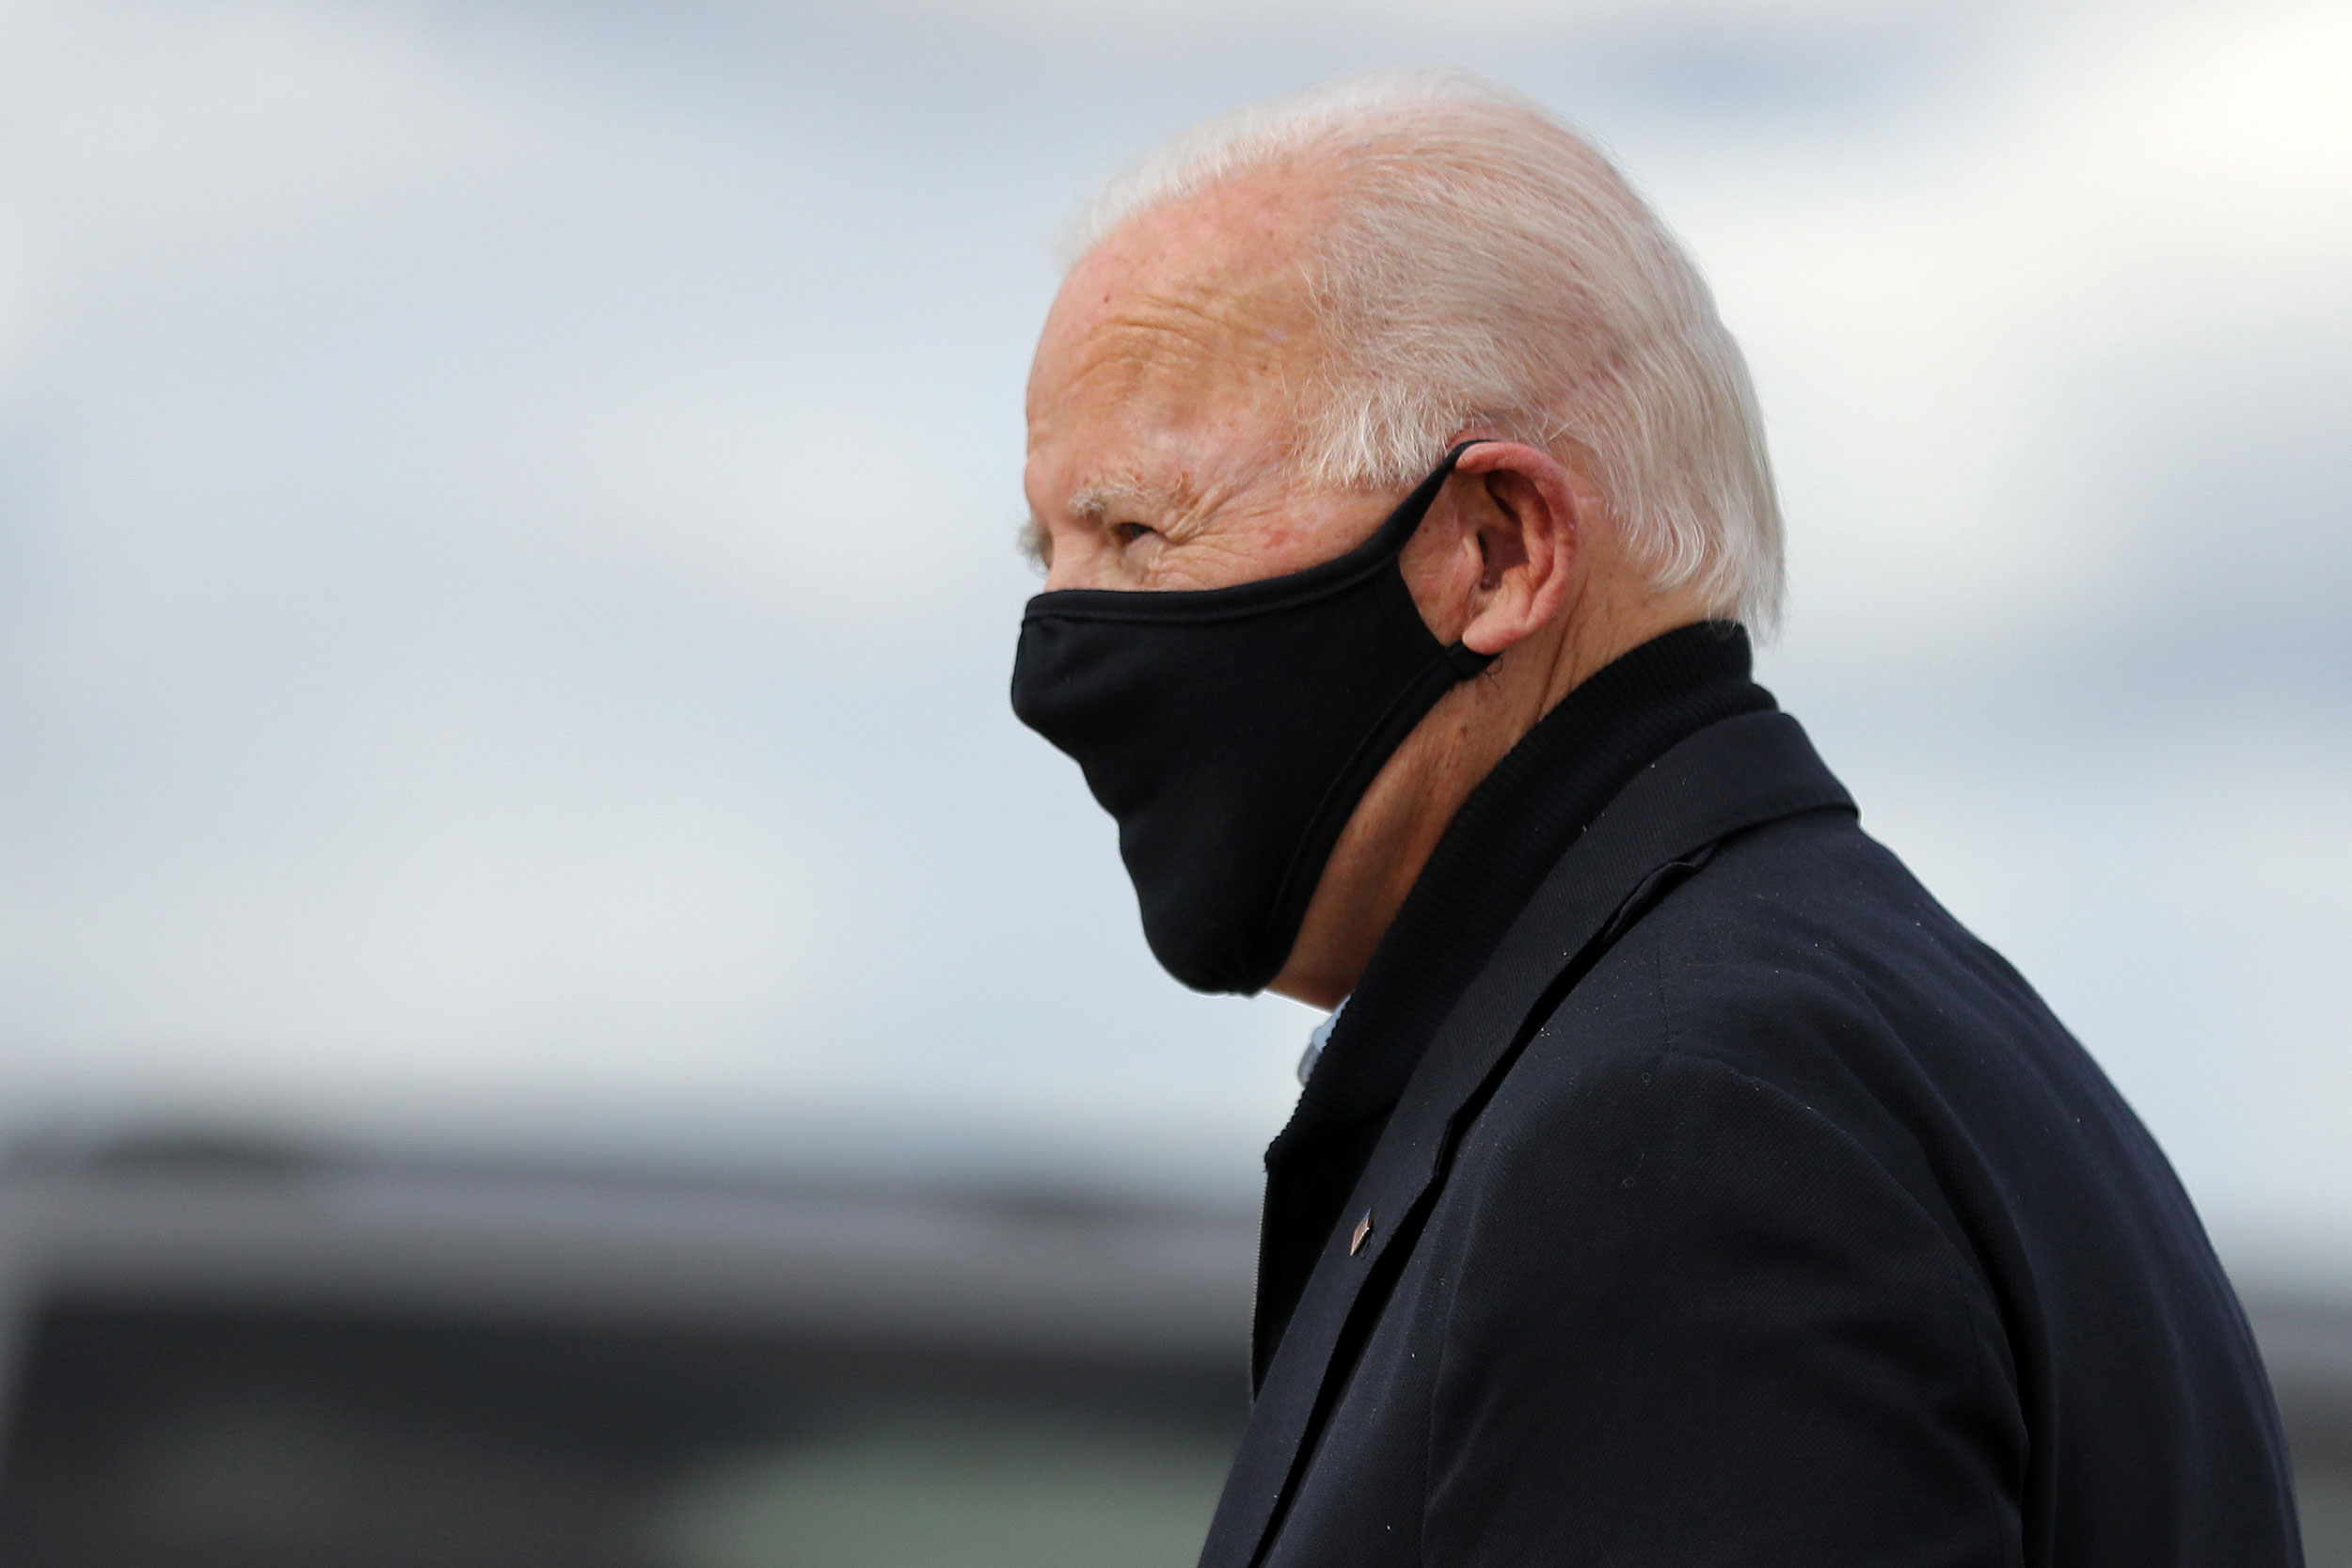 Joe Biden arrives in Grand Rapids, Michigan, on October 2.